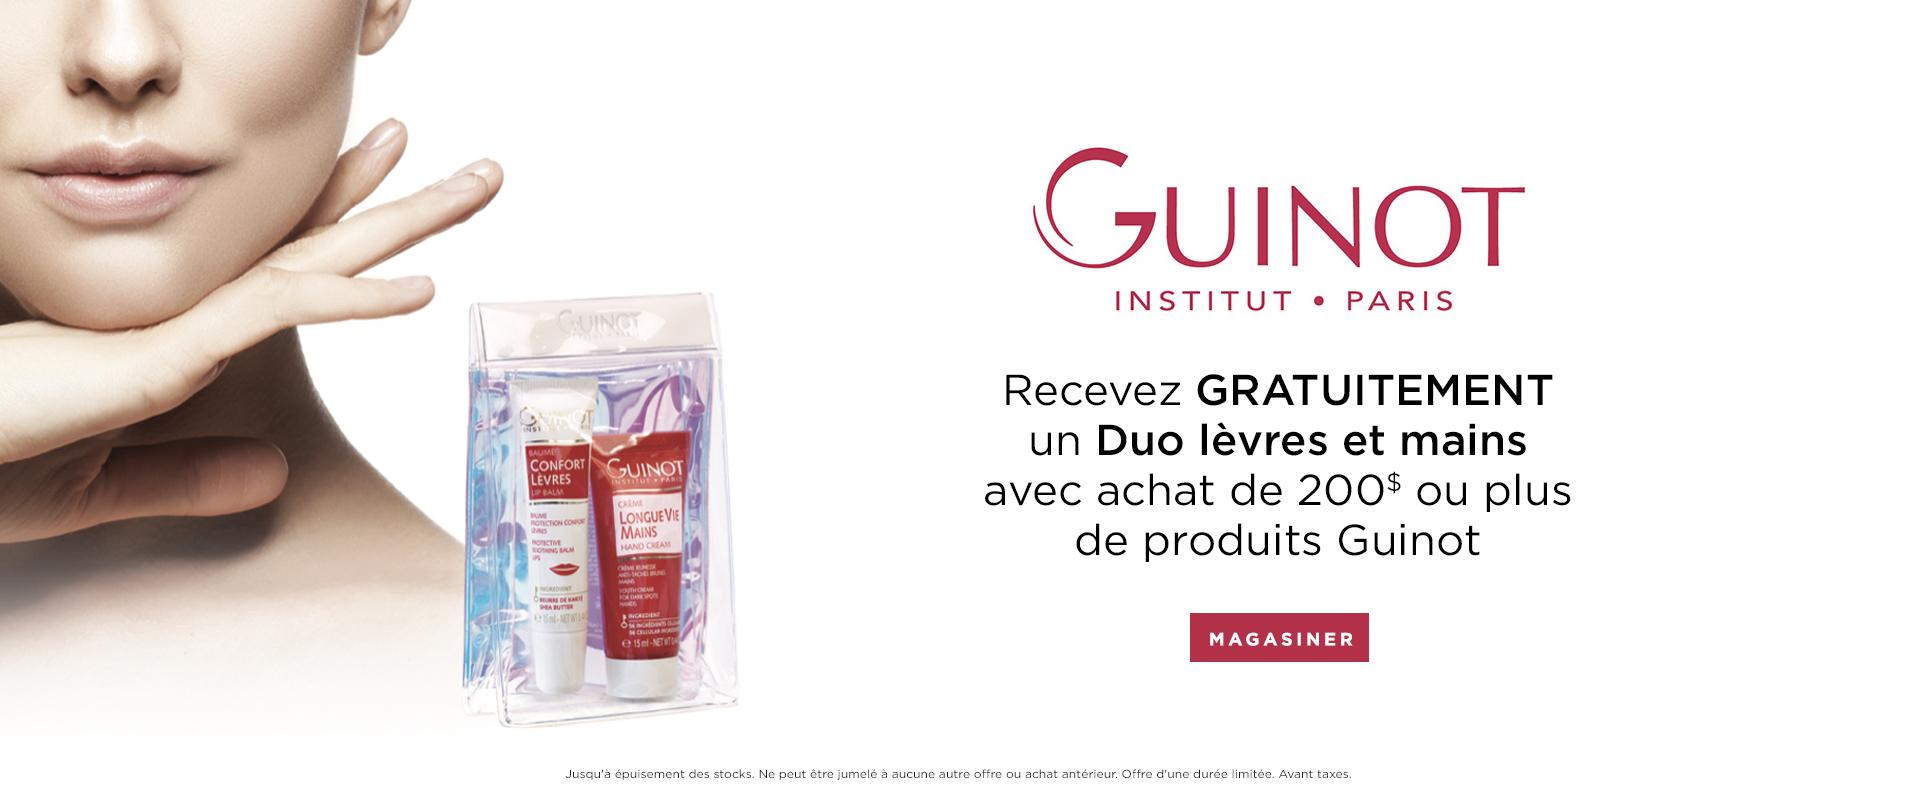 Recevez GRATUITEMENT un Duo lèvres et mains a l'achate de 200$ de produits Guinot.